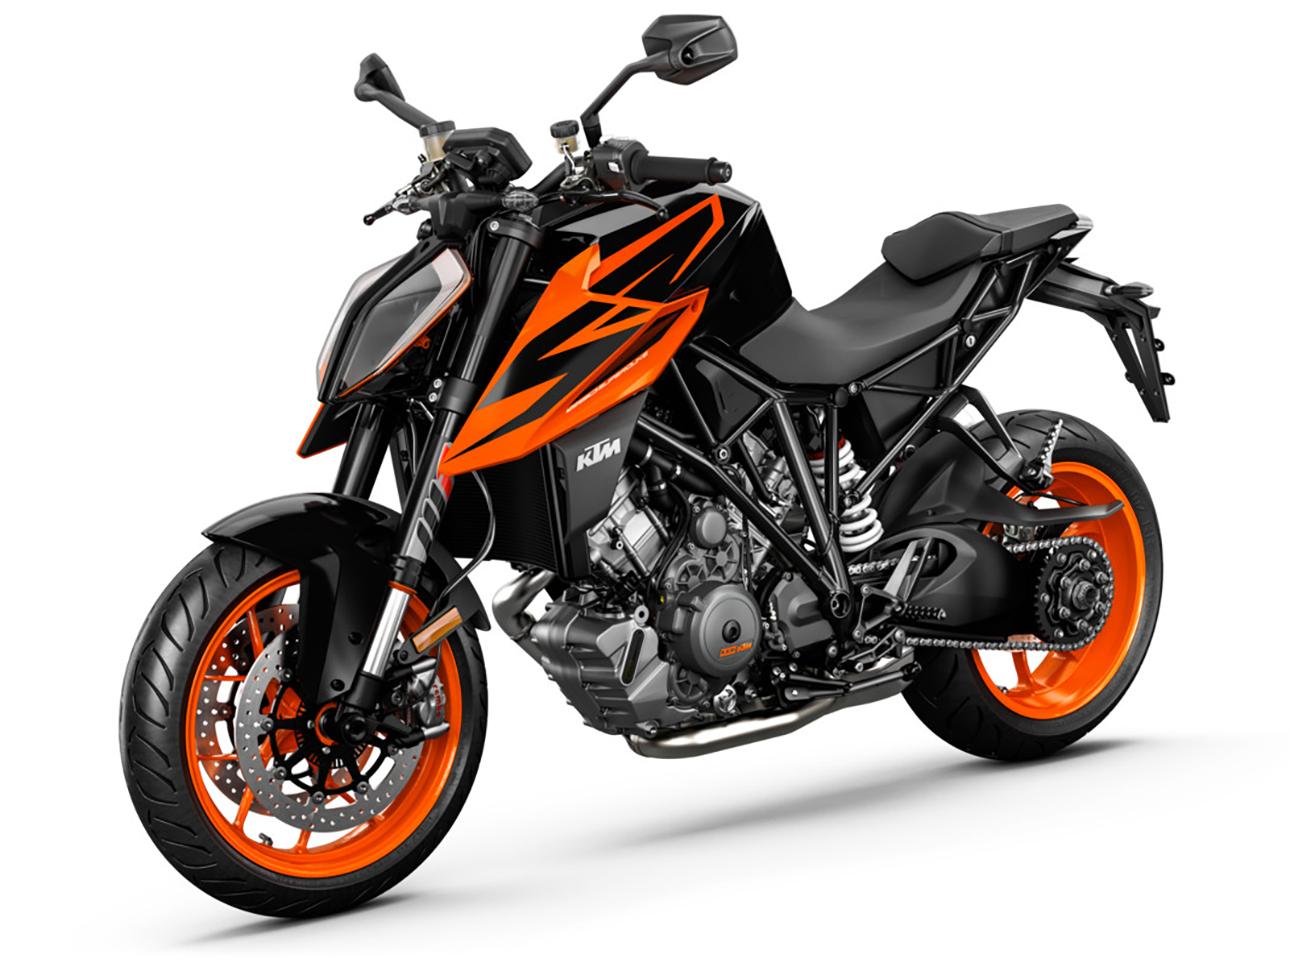 ktm 1290 super duke r 2019 black motorcycles r us. Black Bedroom Furniture Sets. Home Design Ideas